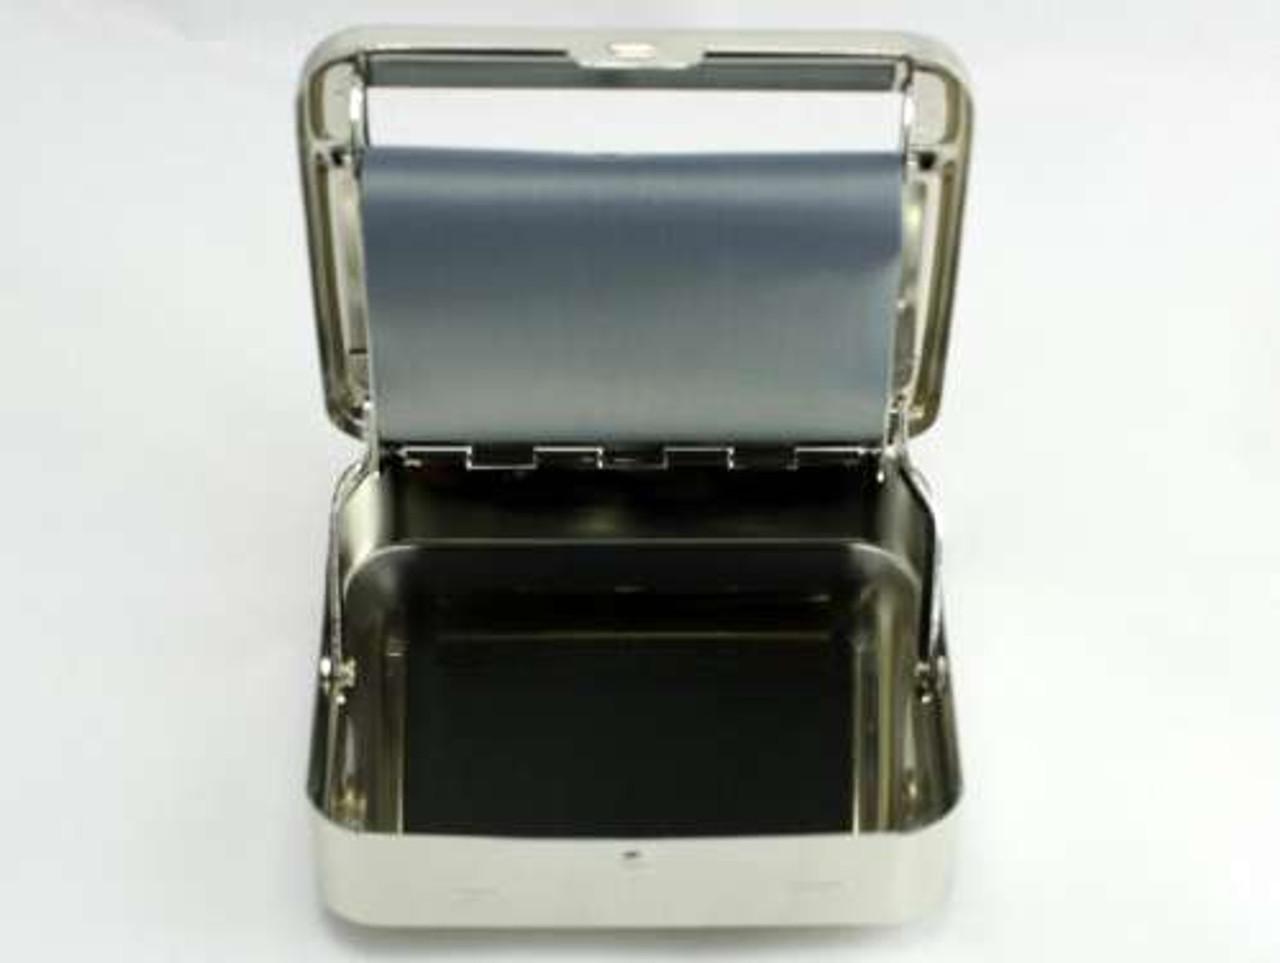 Zen 70mm Automatic Cigarette Roller